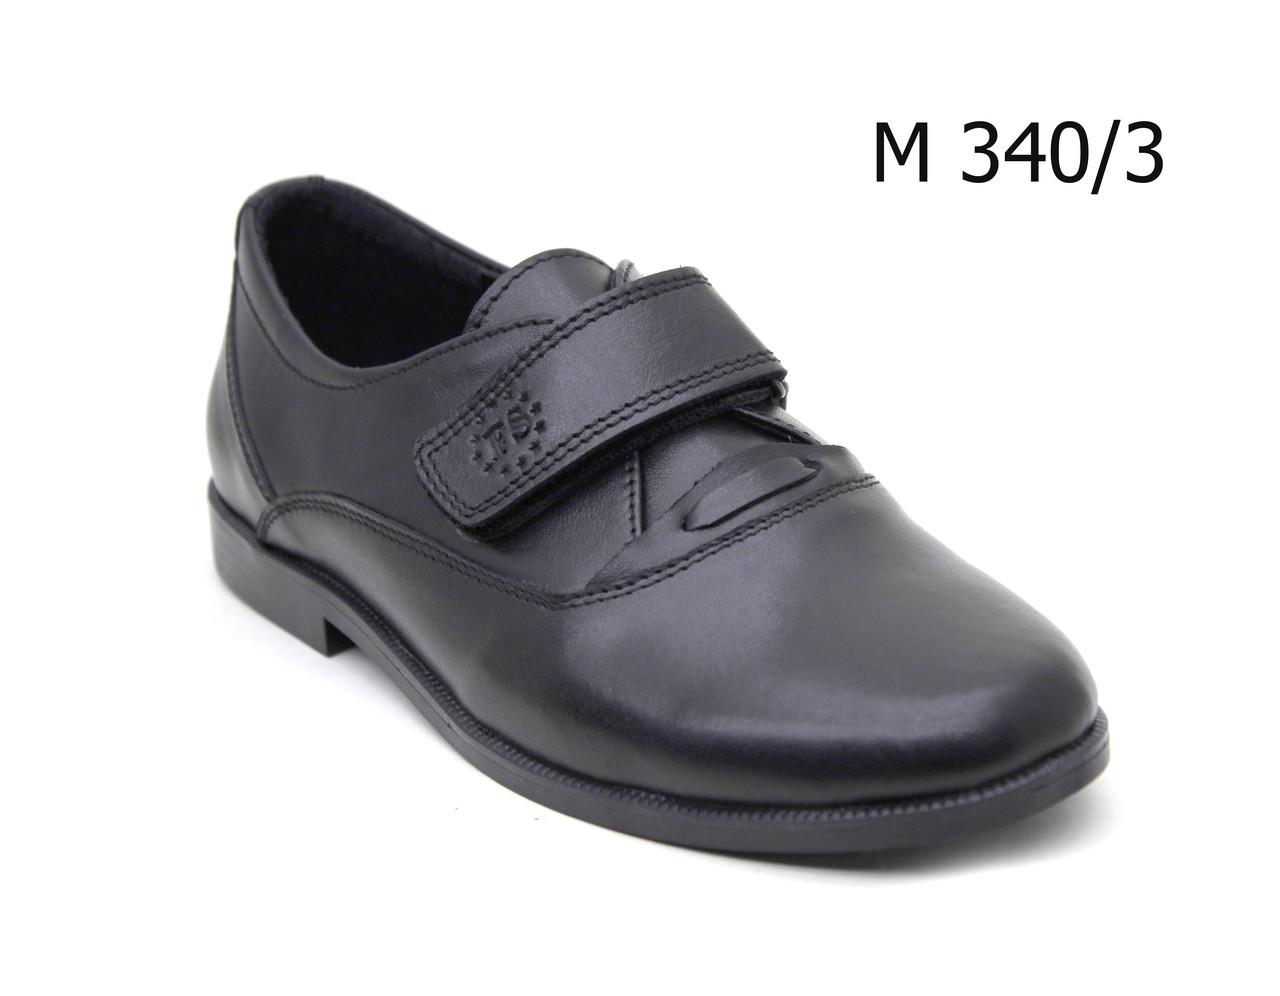 Черные, кожаные туфли FS Сollection для мальчика, размер 31-39